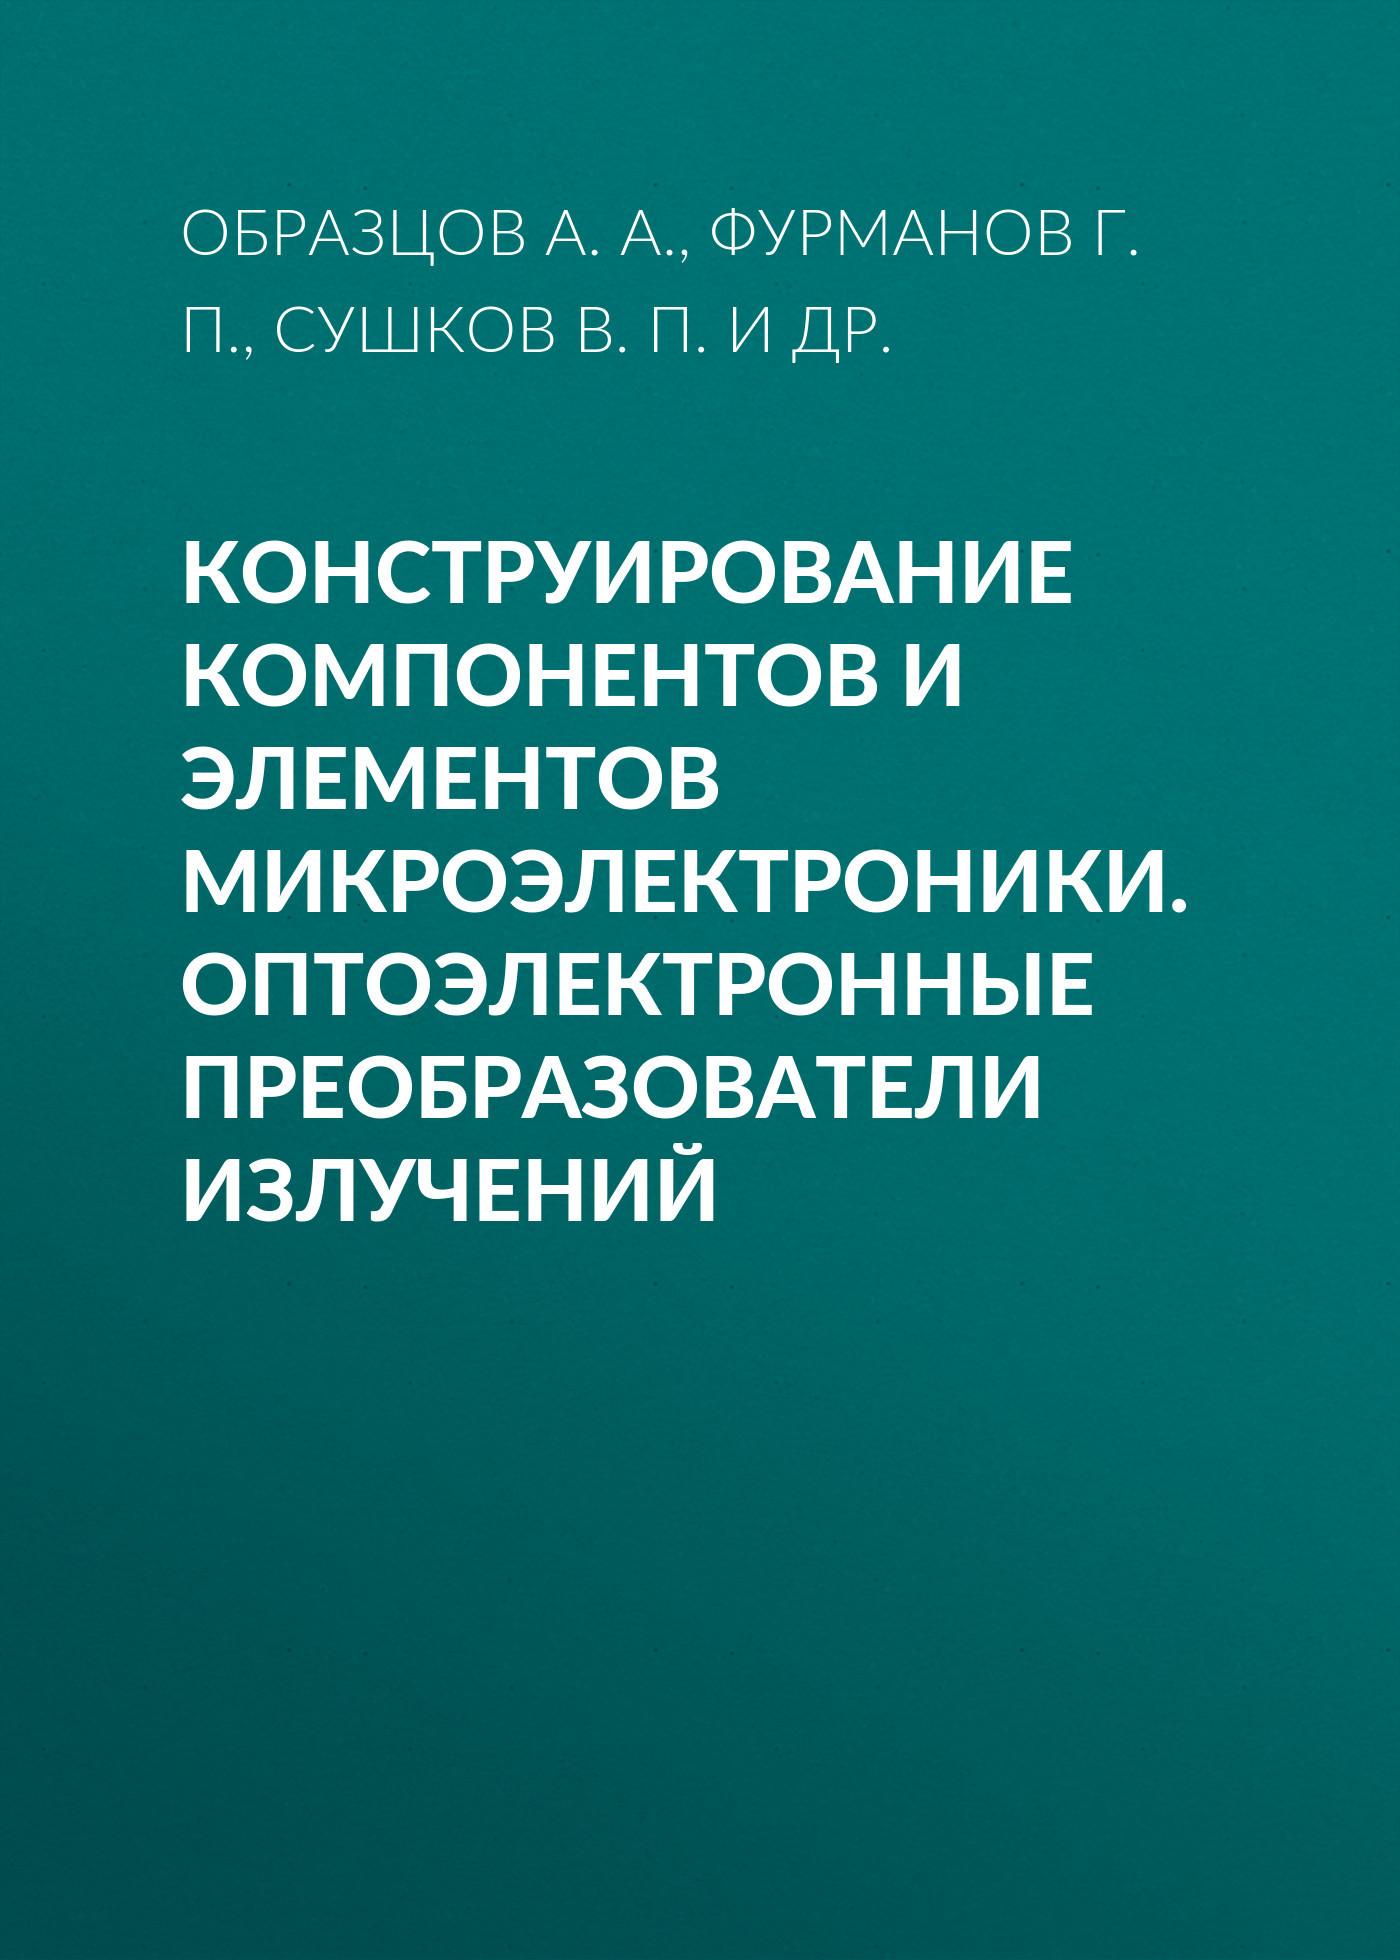 Фурманов Г.П. Конструирование компонентов и элементов микроэлектроники. Оптоэлектронные преобразователи излучений